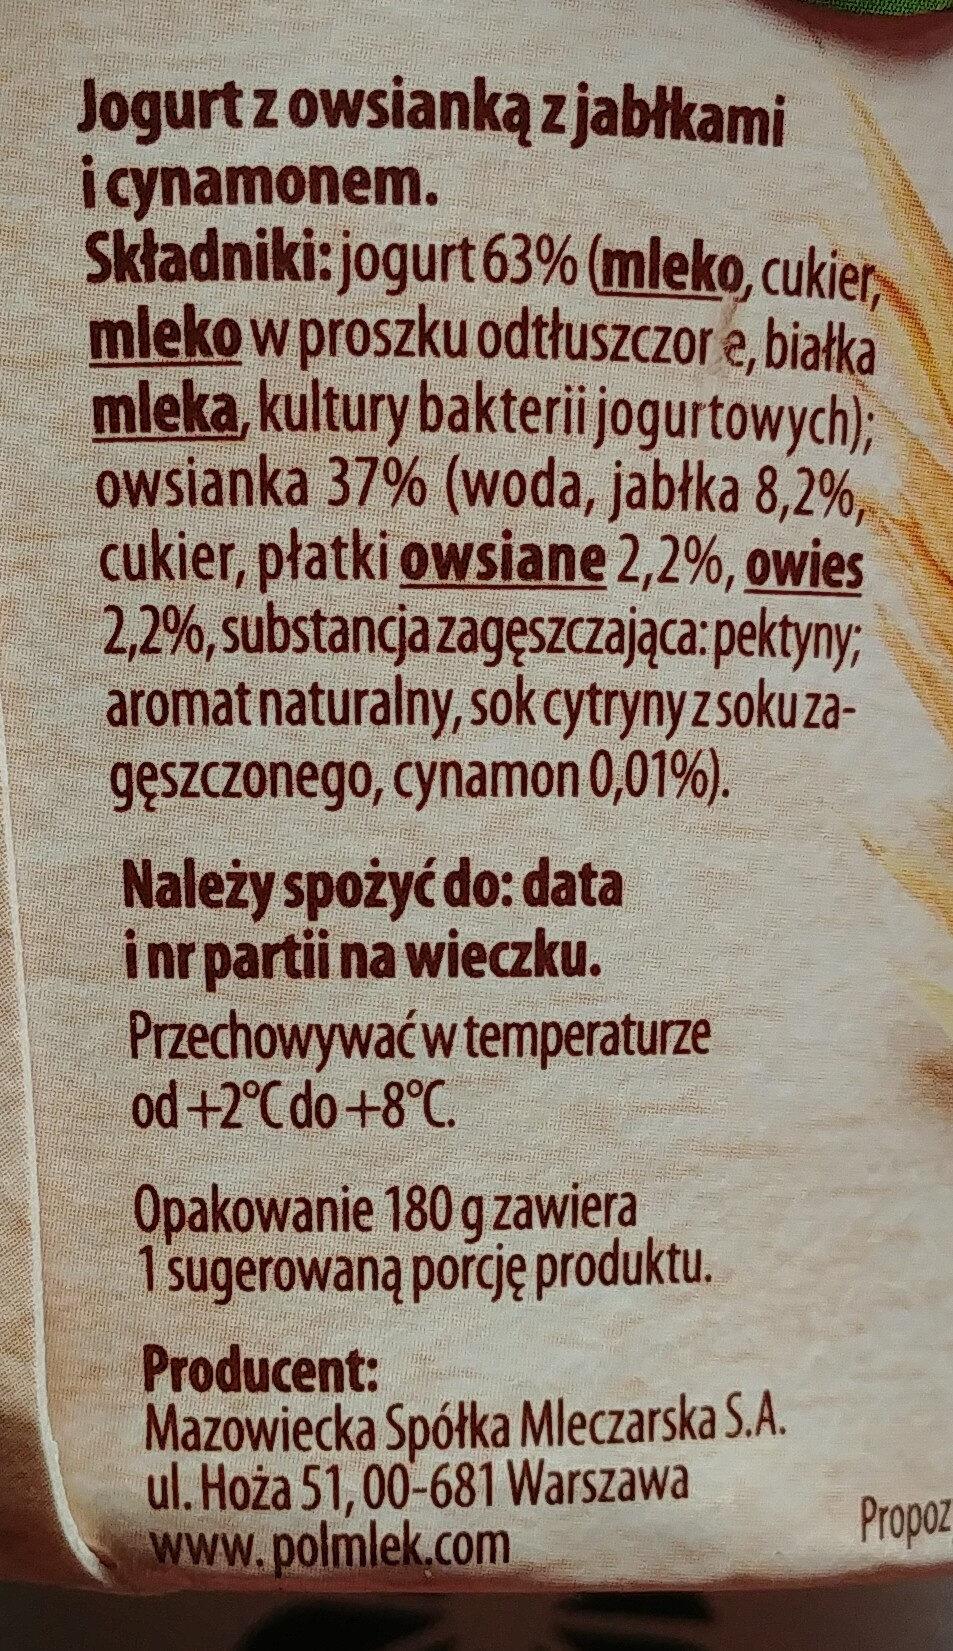 Jogurt z owsianką z jabłkami i cynamonem - Składniki - pl